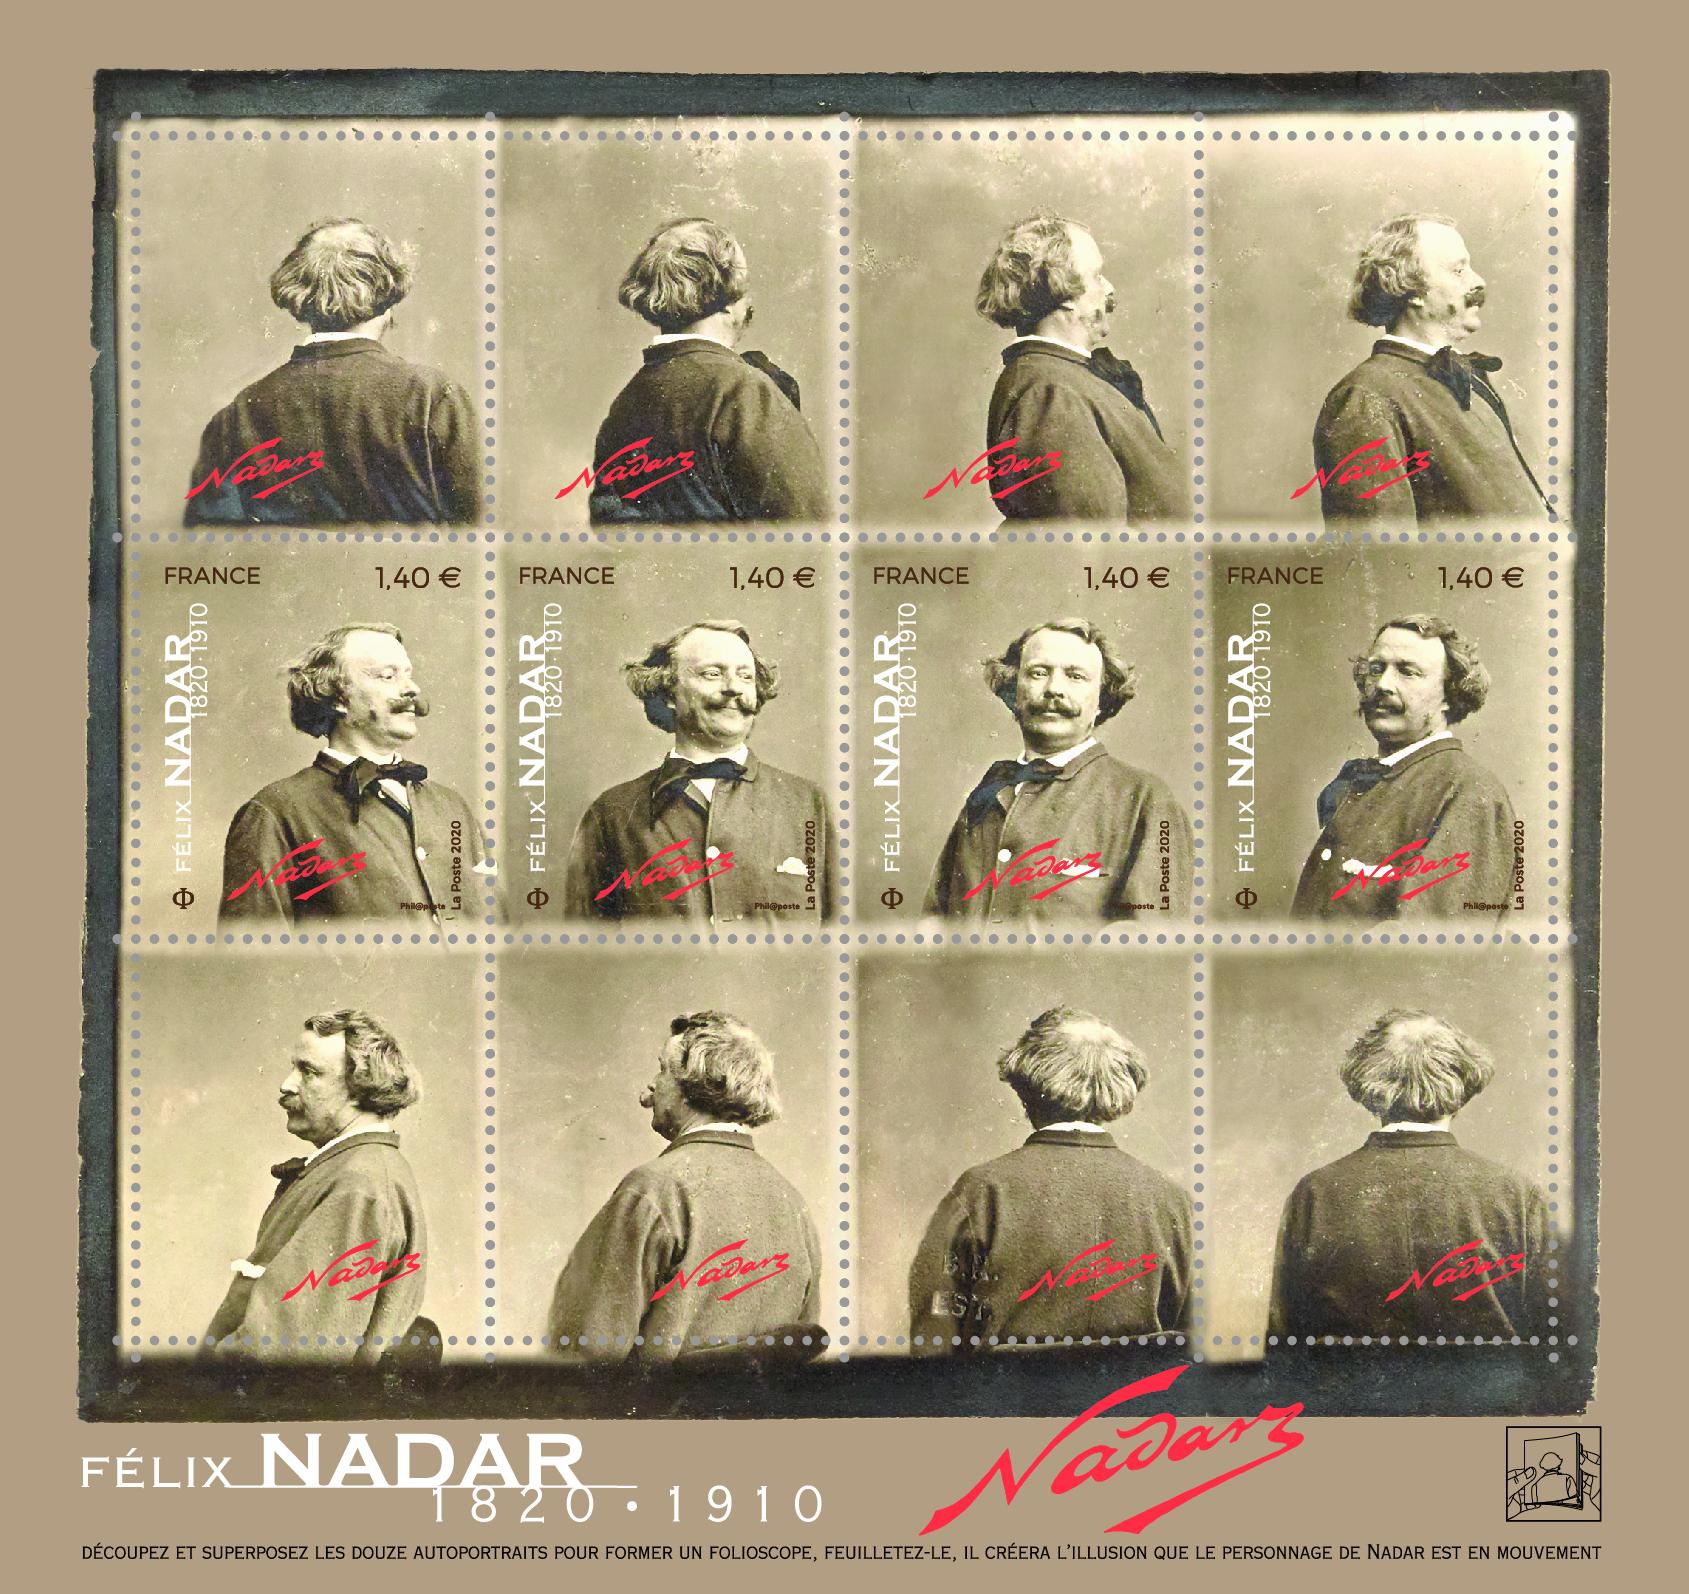 Félix Nadar 1820-1910